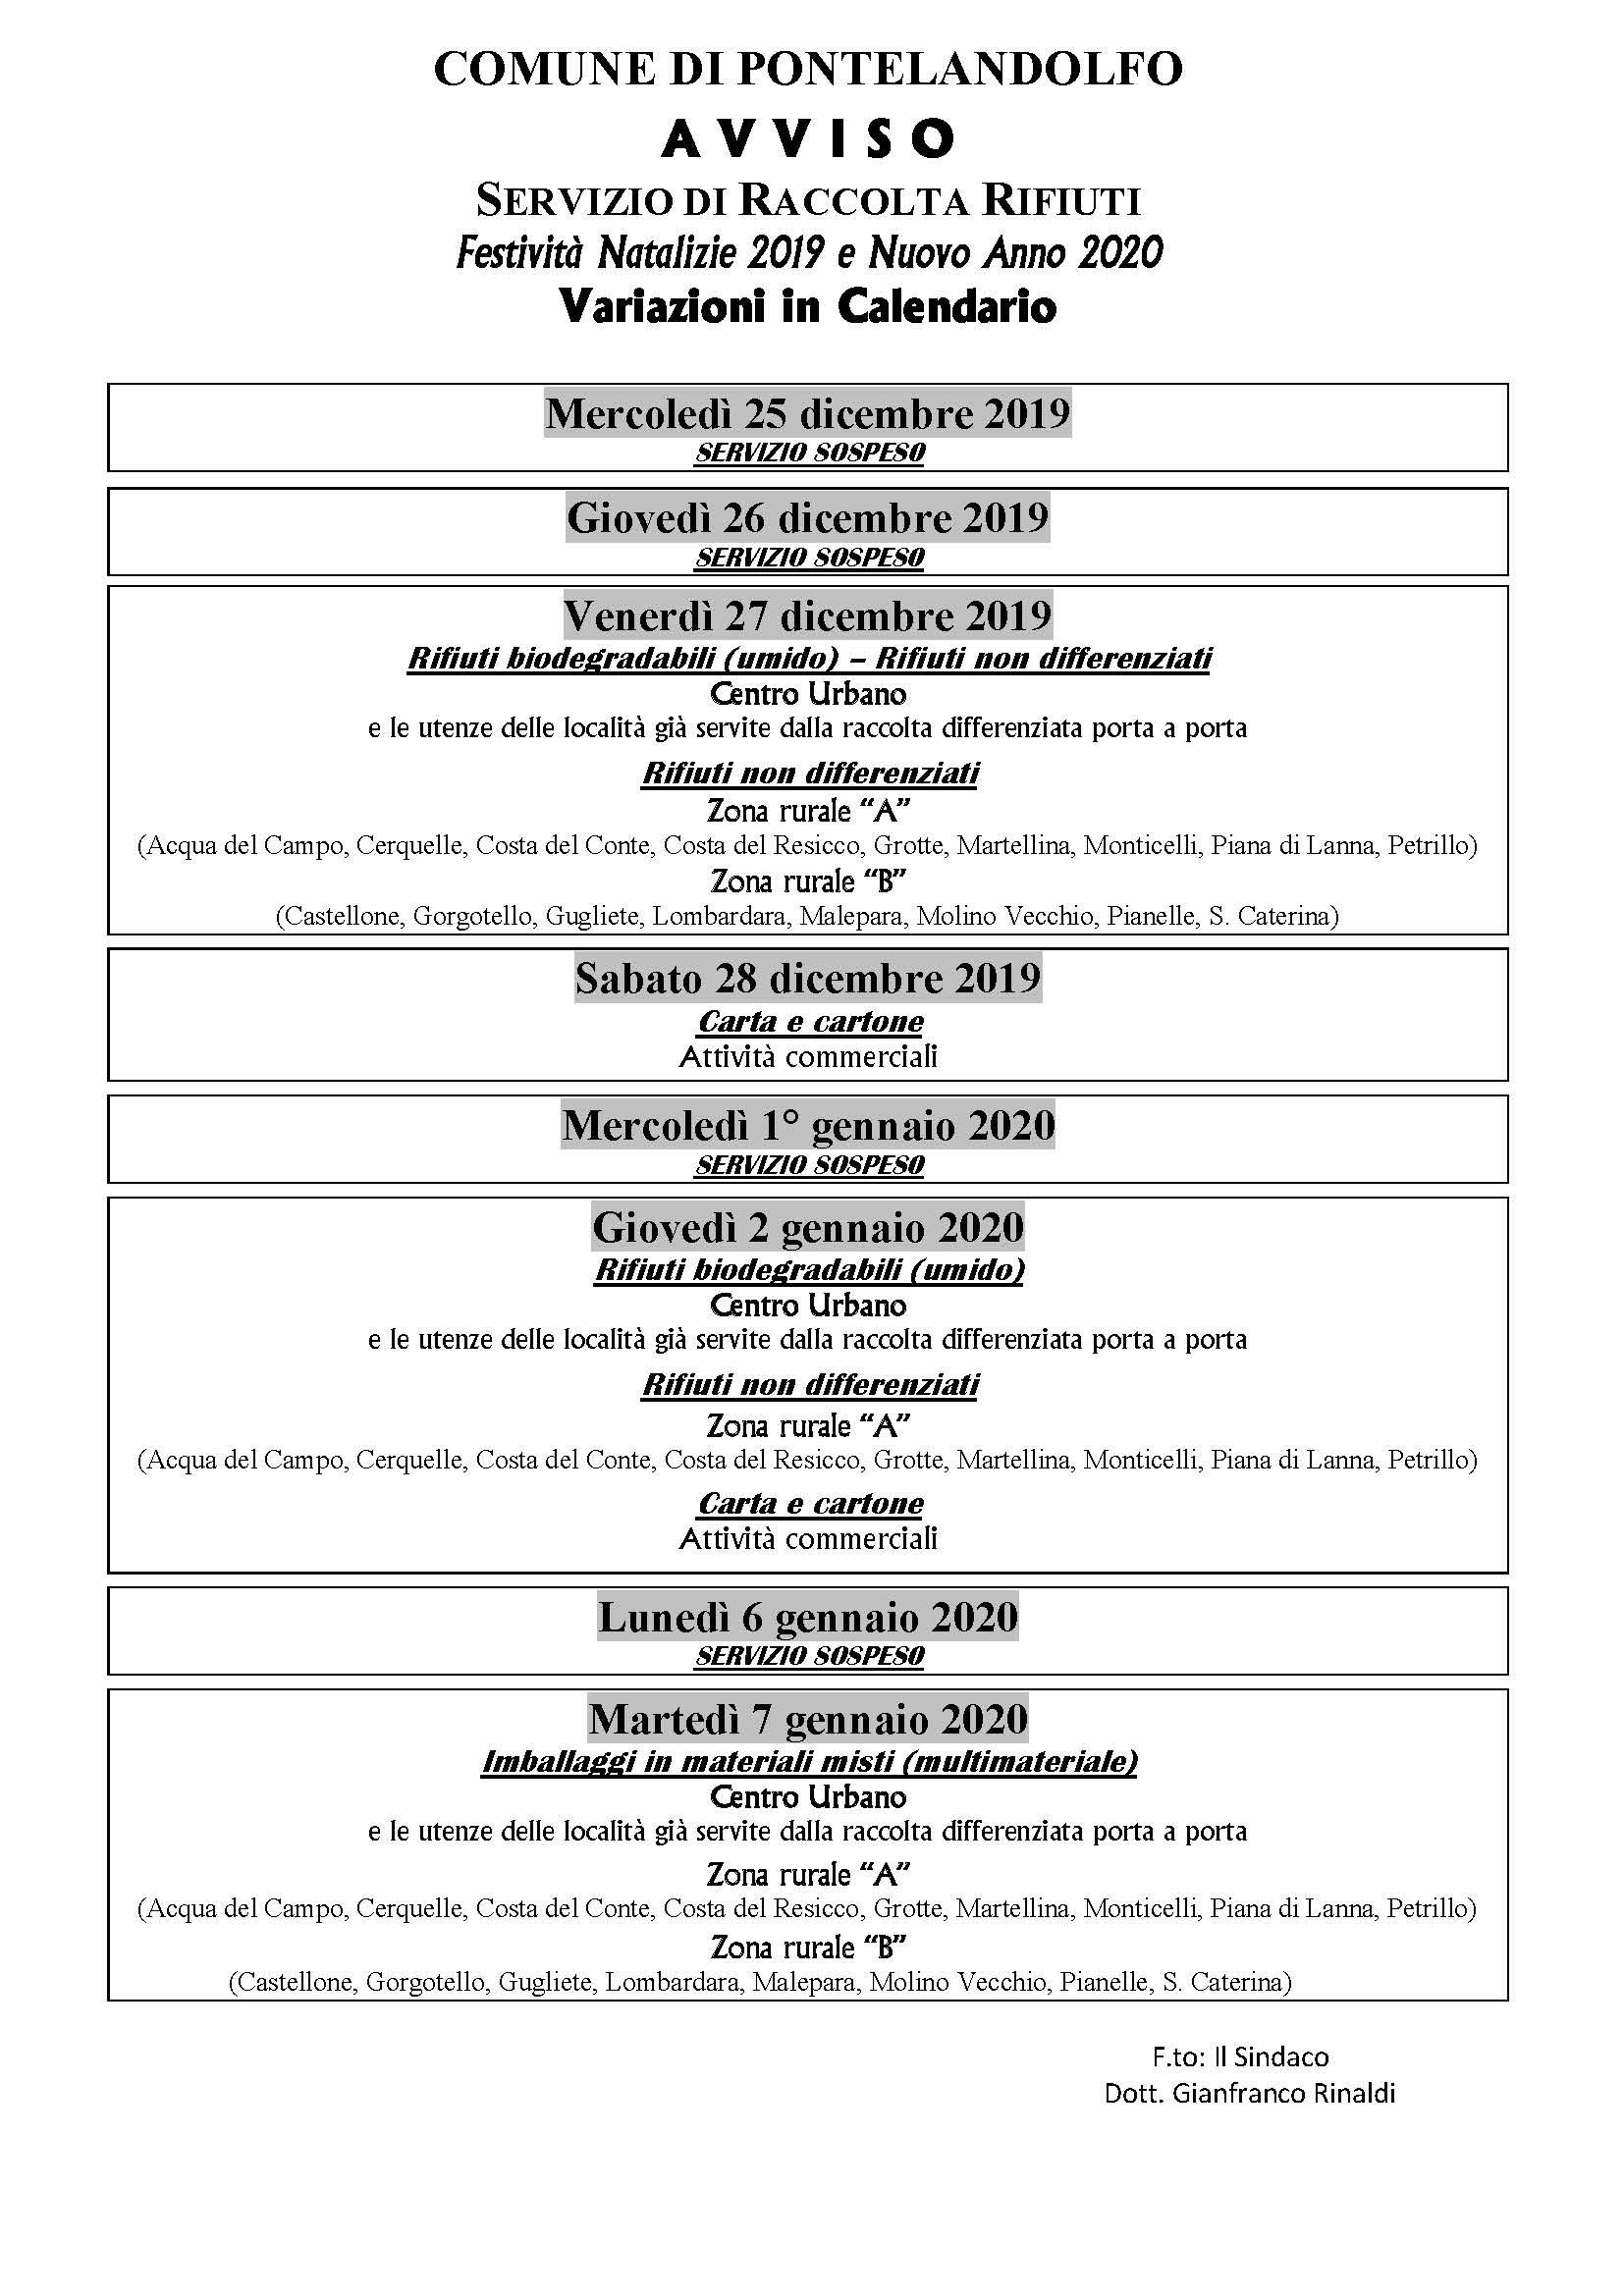 Calendario festività 2019_2020